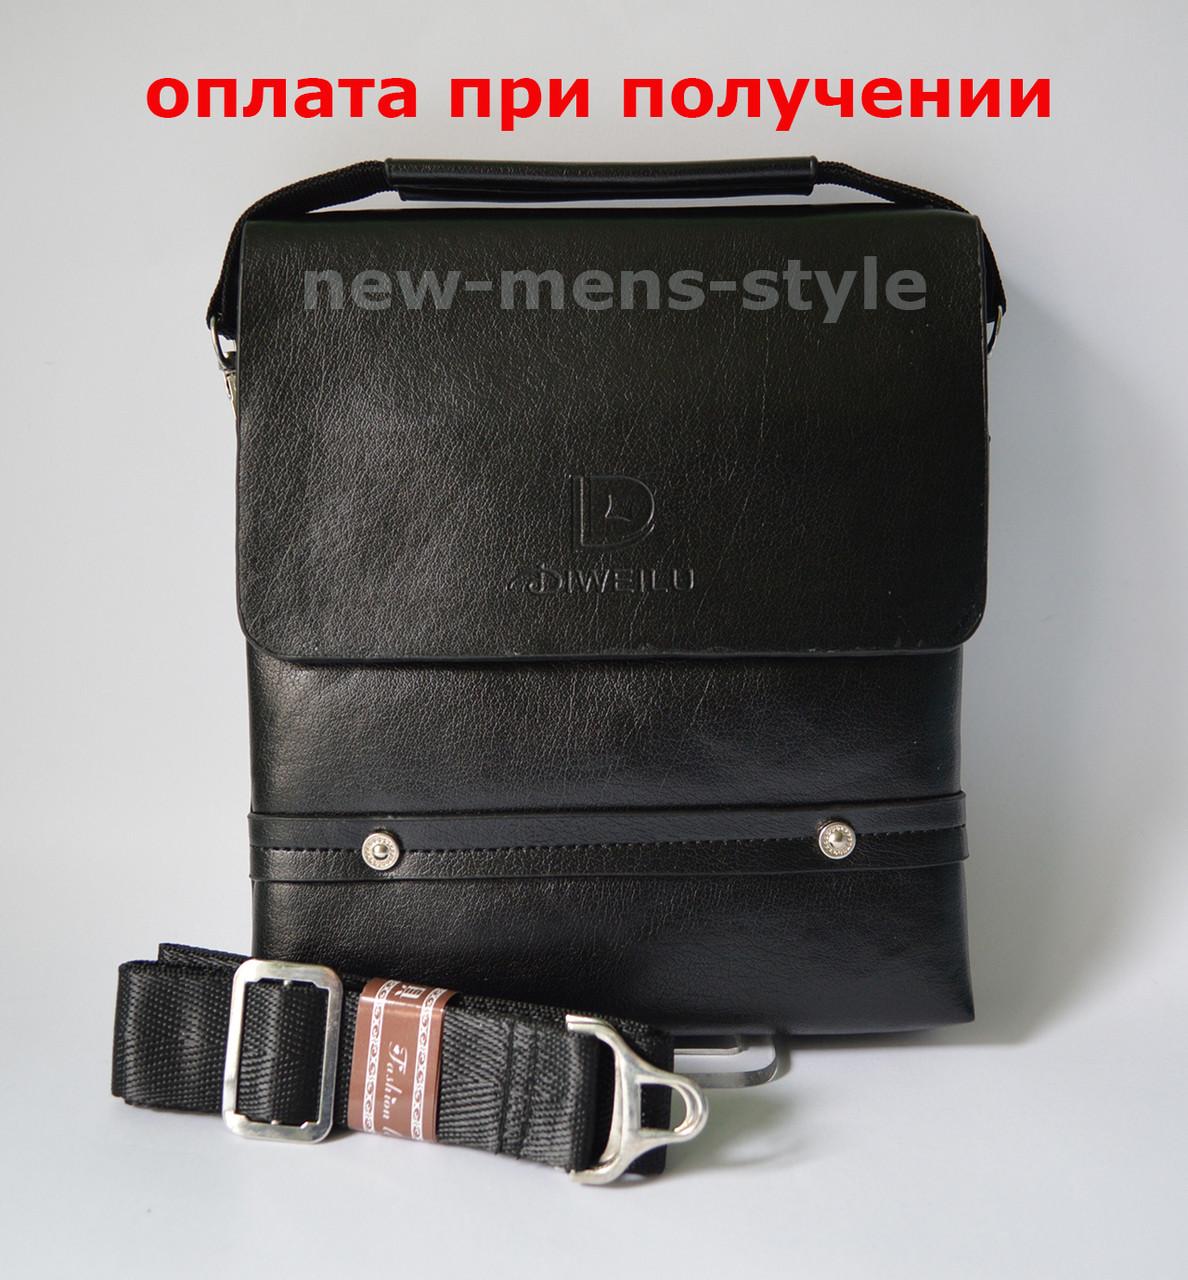 80aaec570f9e Мужская кожаная фирменная сумка барсетка DIWEILU Polo классика купить